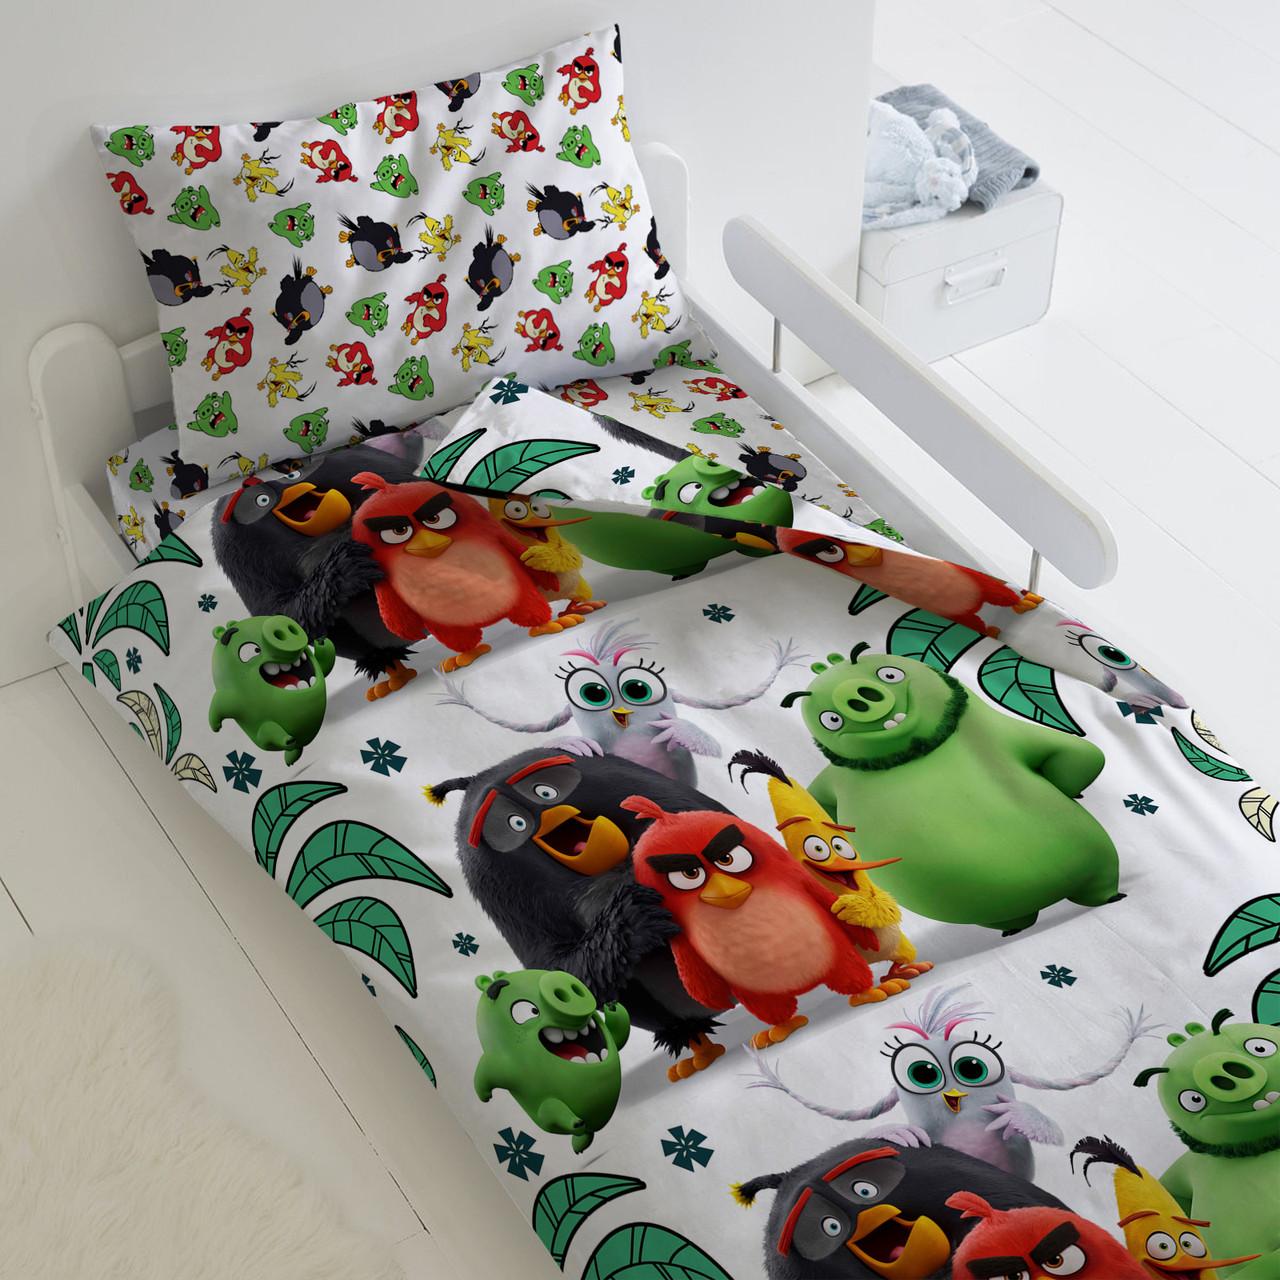 HOMY Комплект постельного белья Птичий остров, Angry Birds  HOMY  1.5 спальный